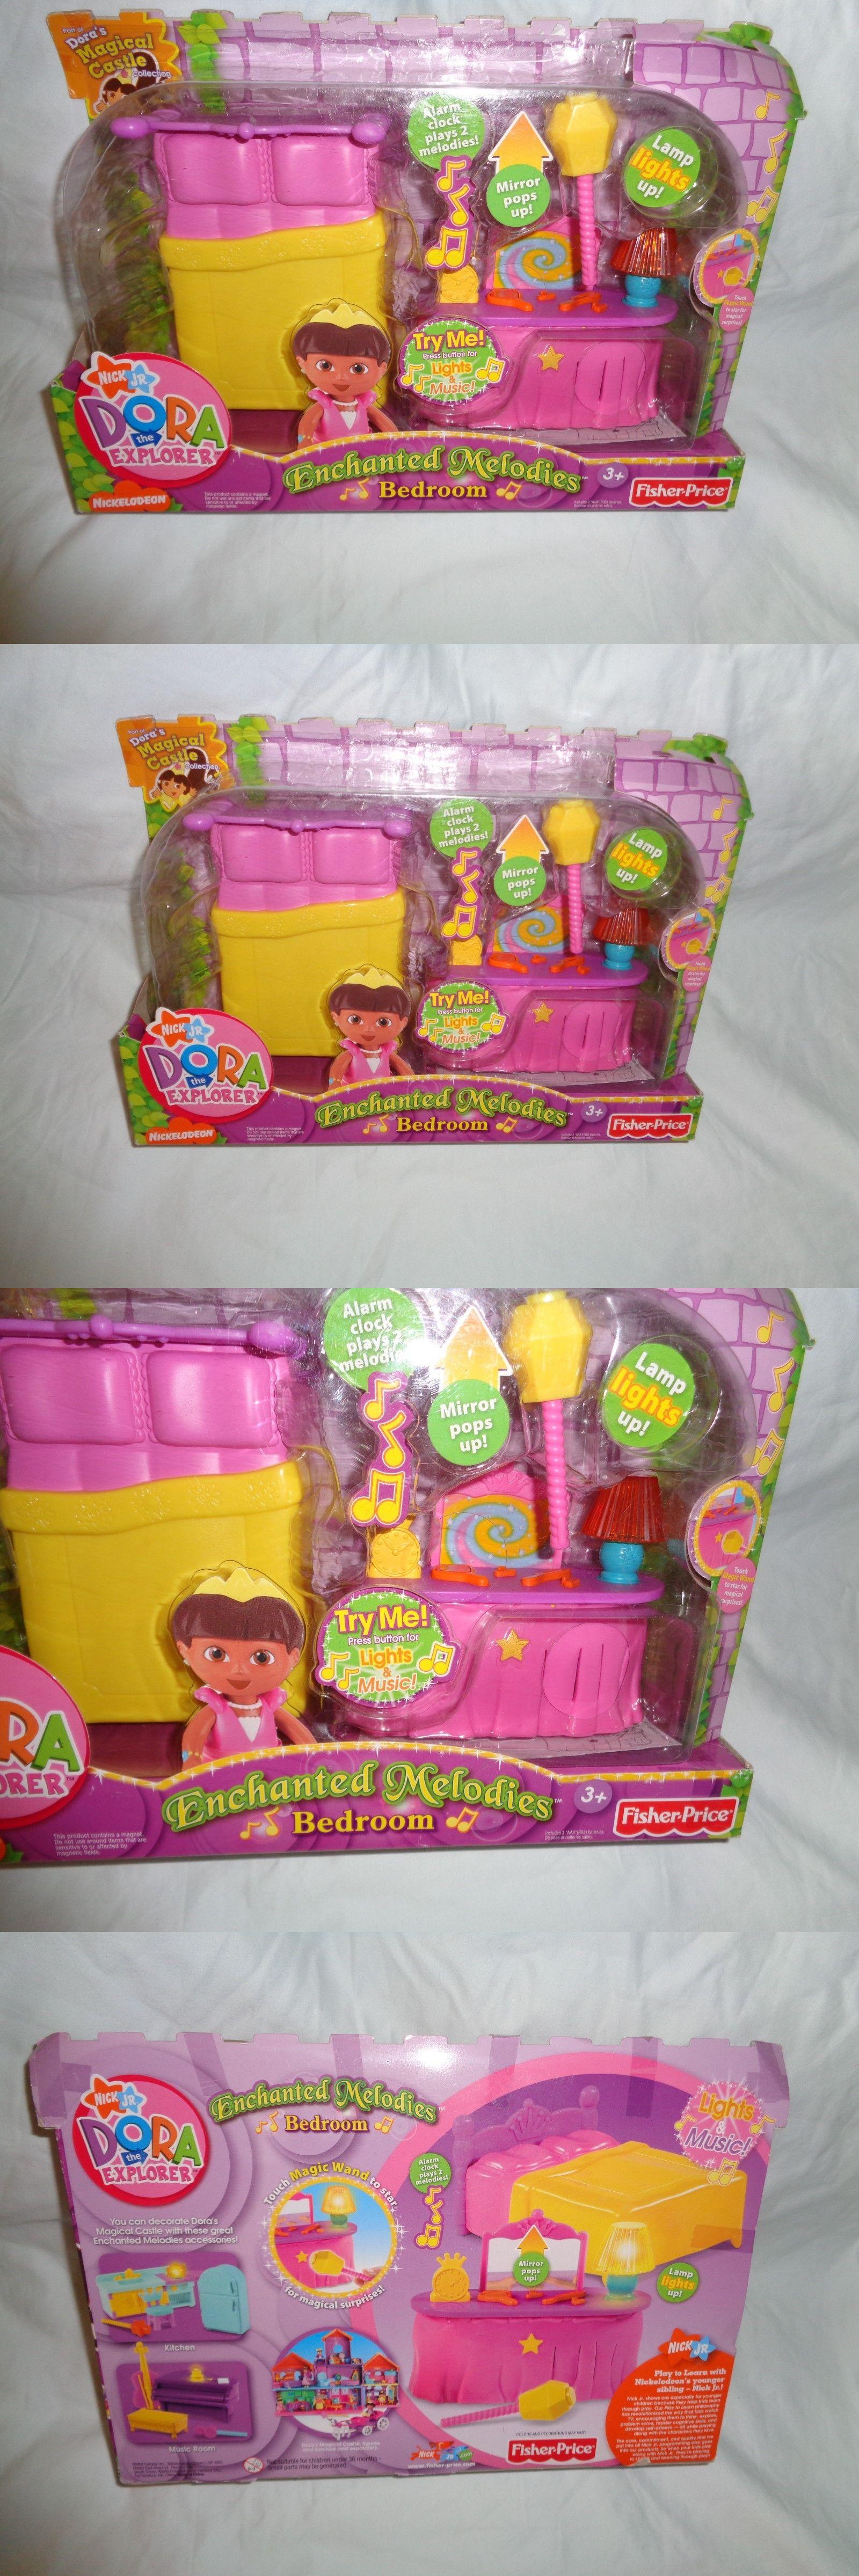 dora the explorer 44039 dora the explorer house enchanted